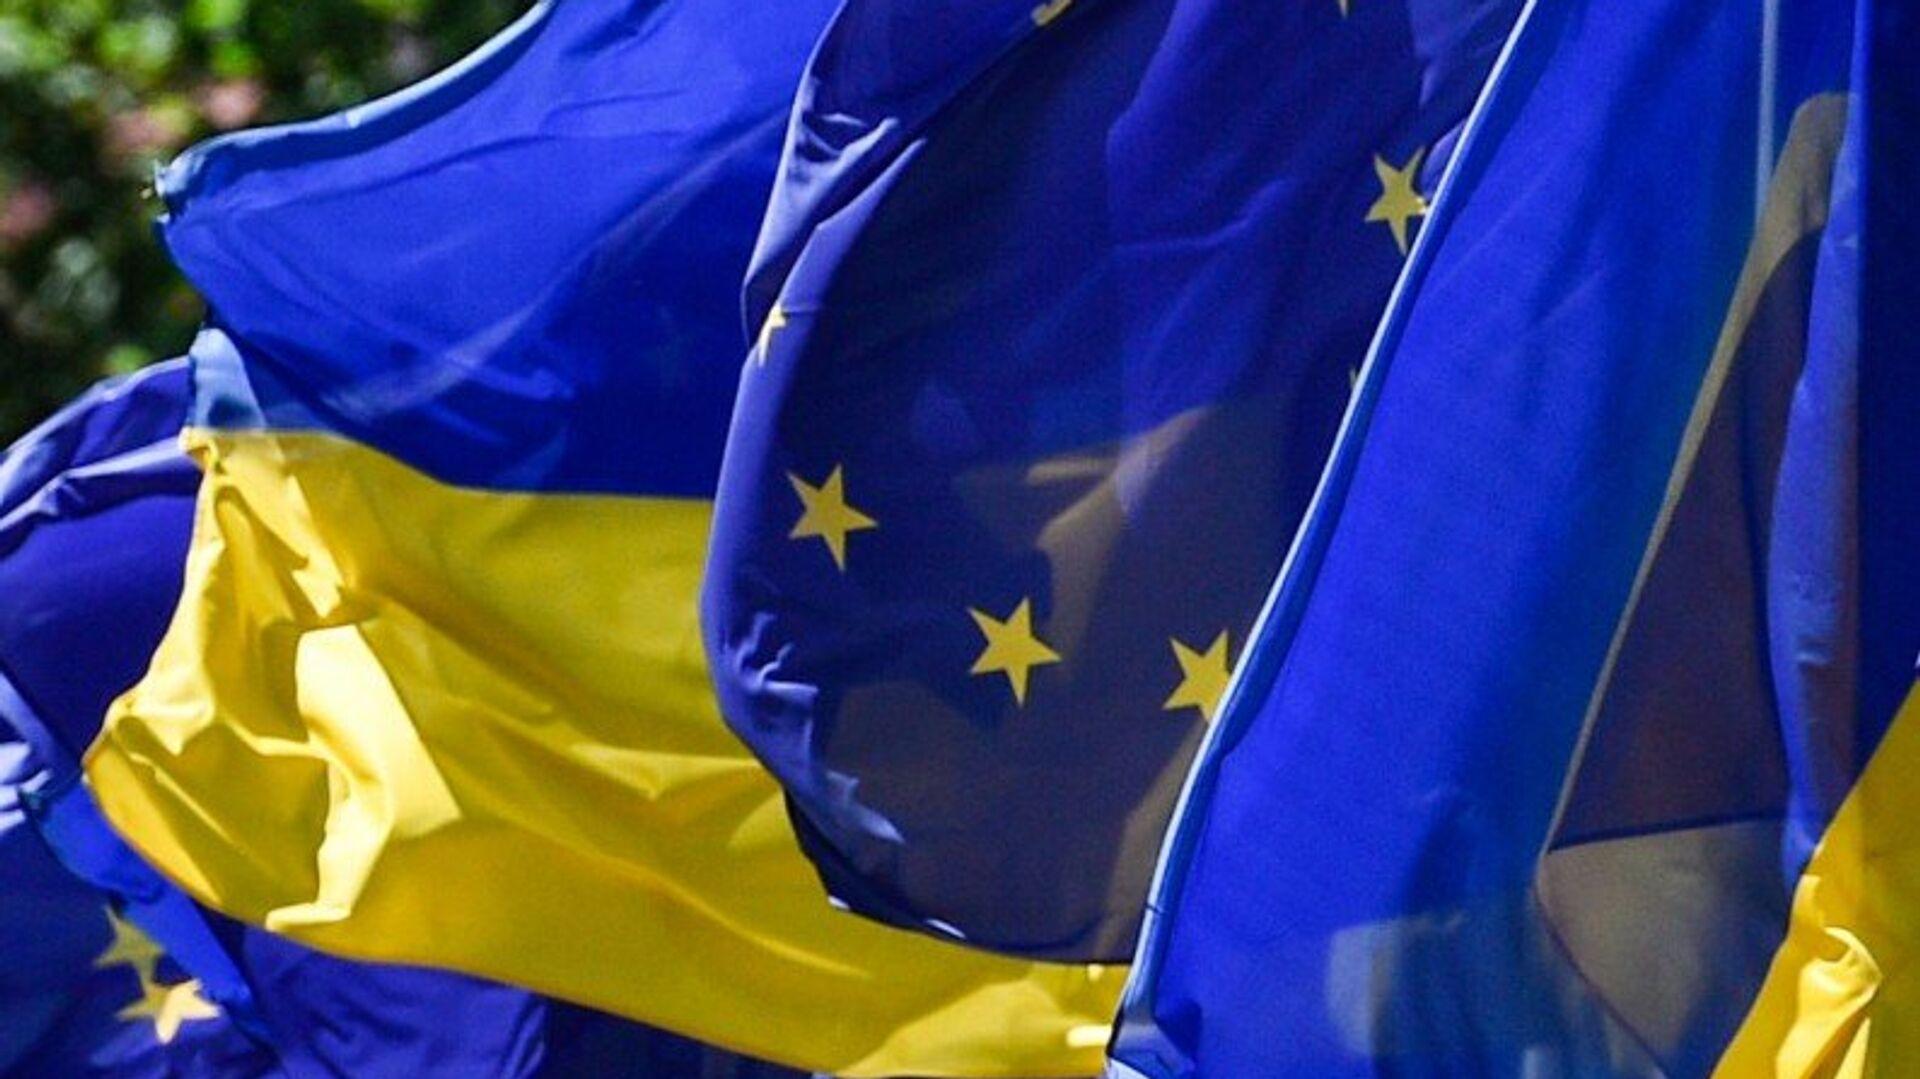 Флаги Украины и Евросоюза - РИА Новости, 1920, 11.09.2021